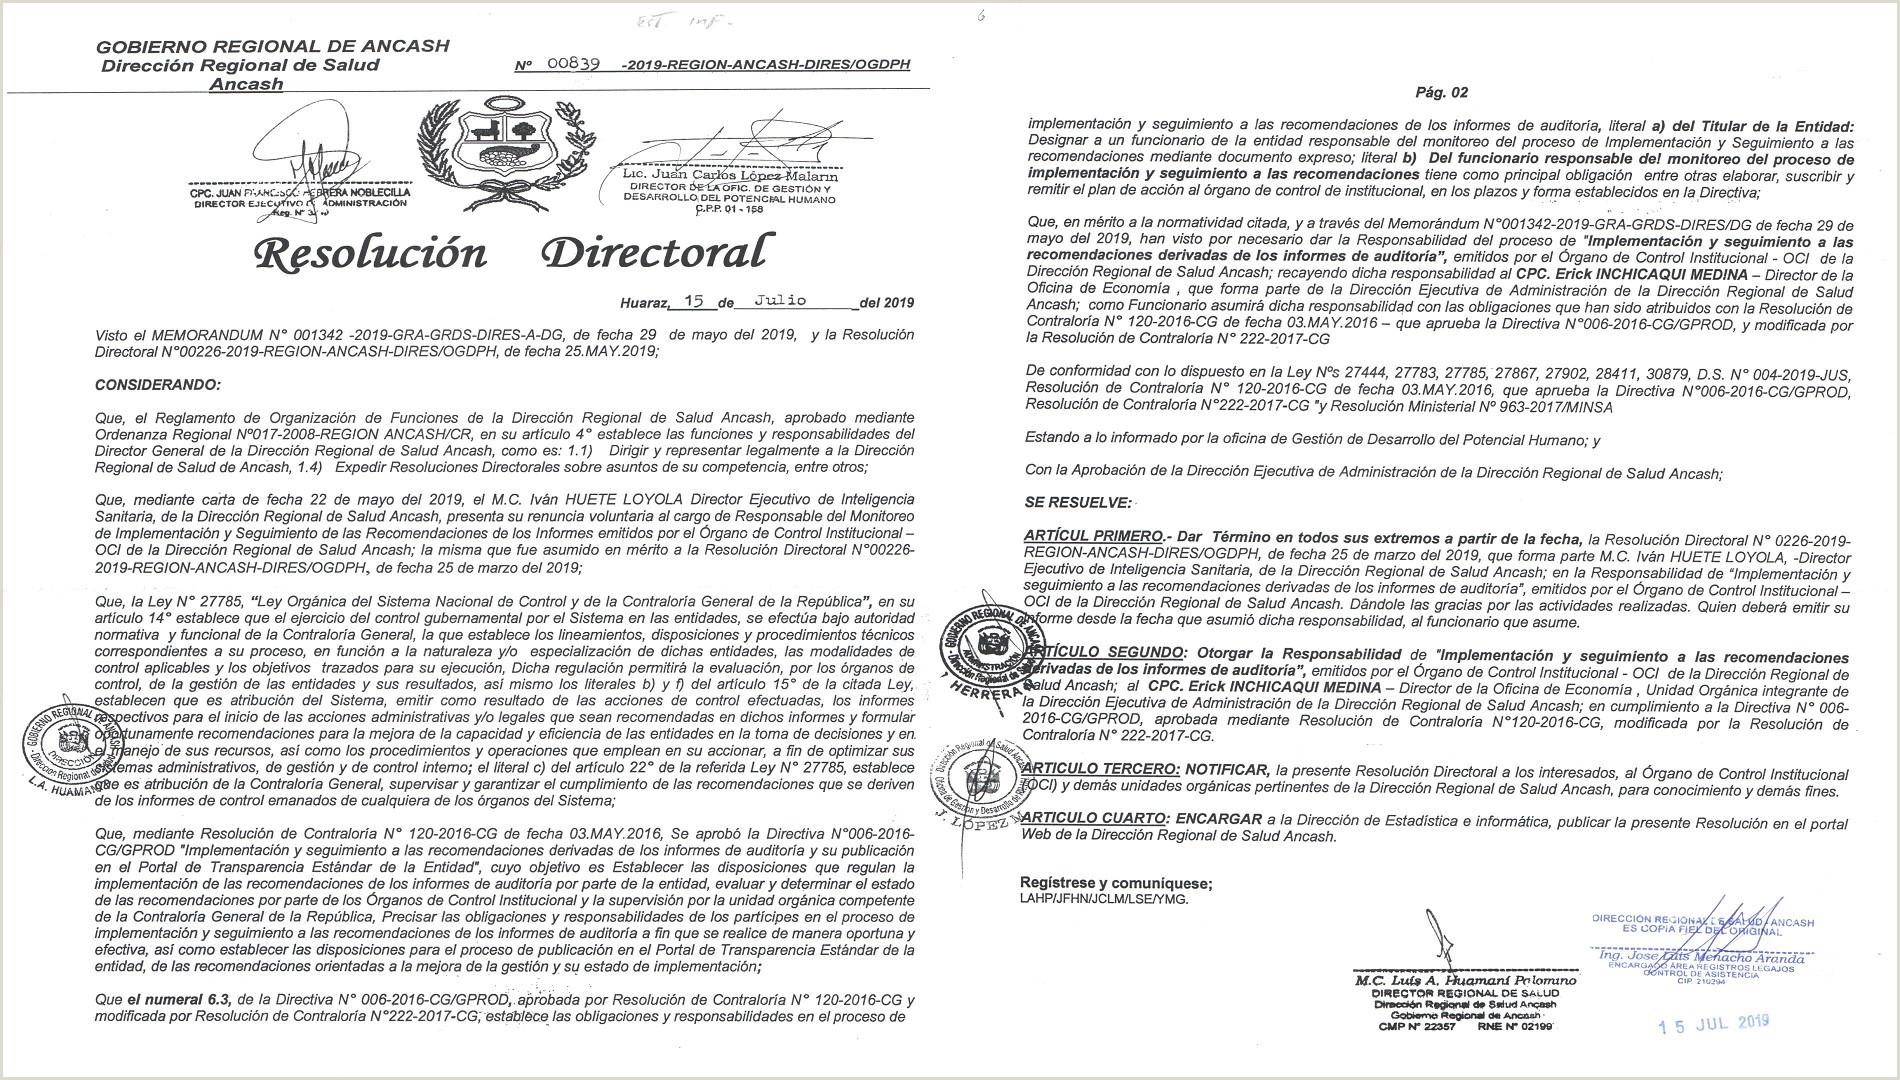 Formato De Hoja De Vida Del Ministerio Del Trabajo Direcci³n Regional De Salud Ancash